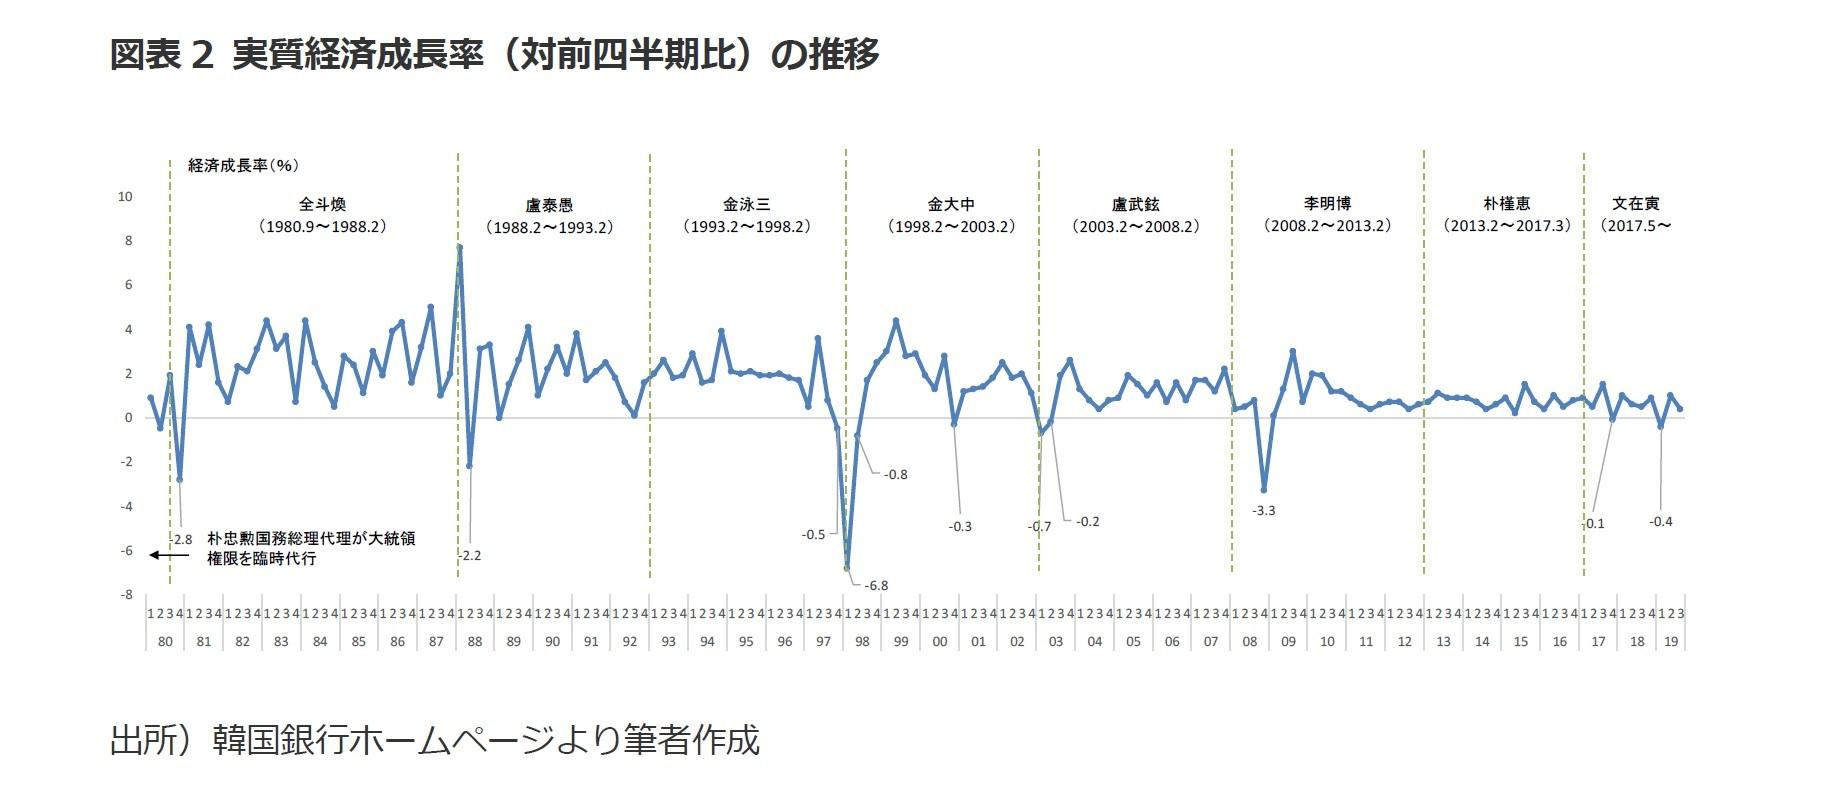 図表2 実質経済成長率(対前四半期比)の推移